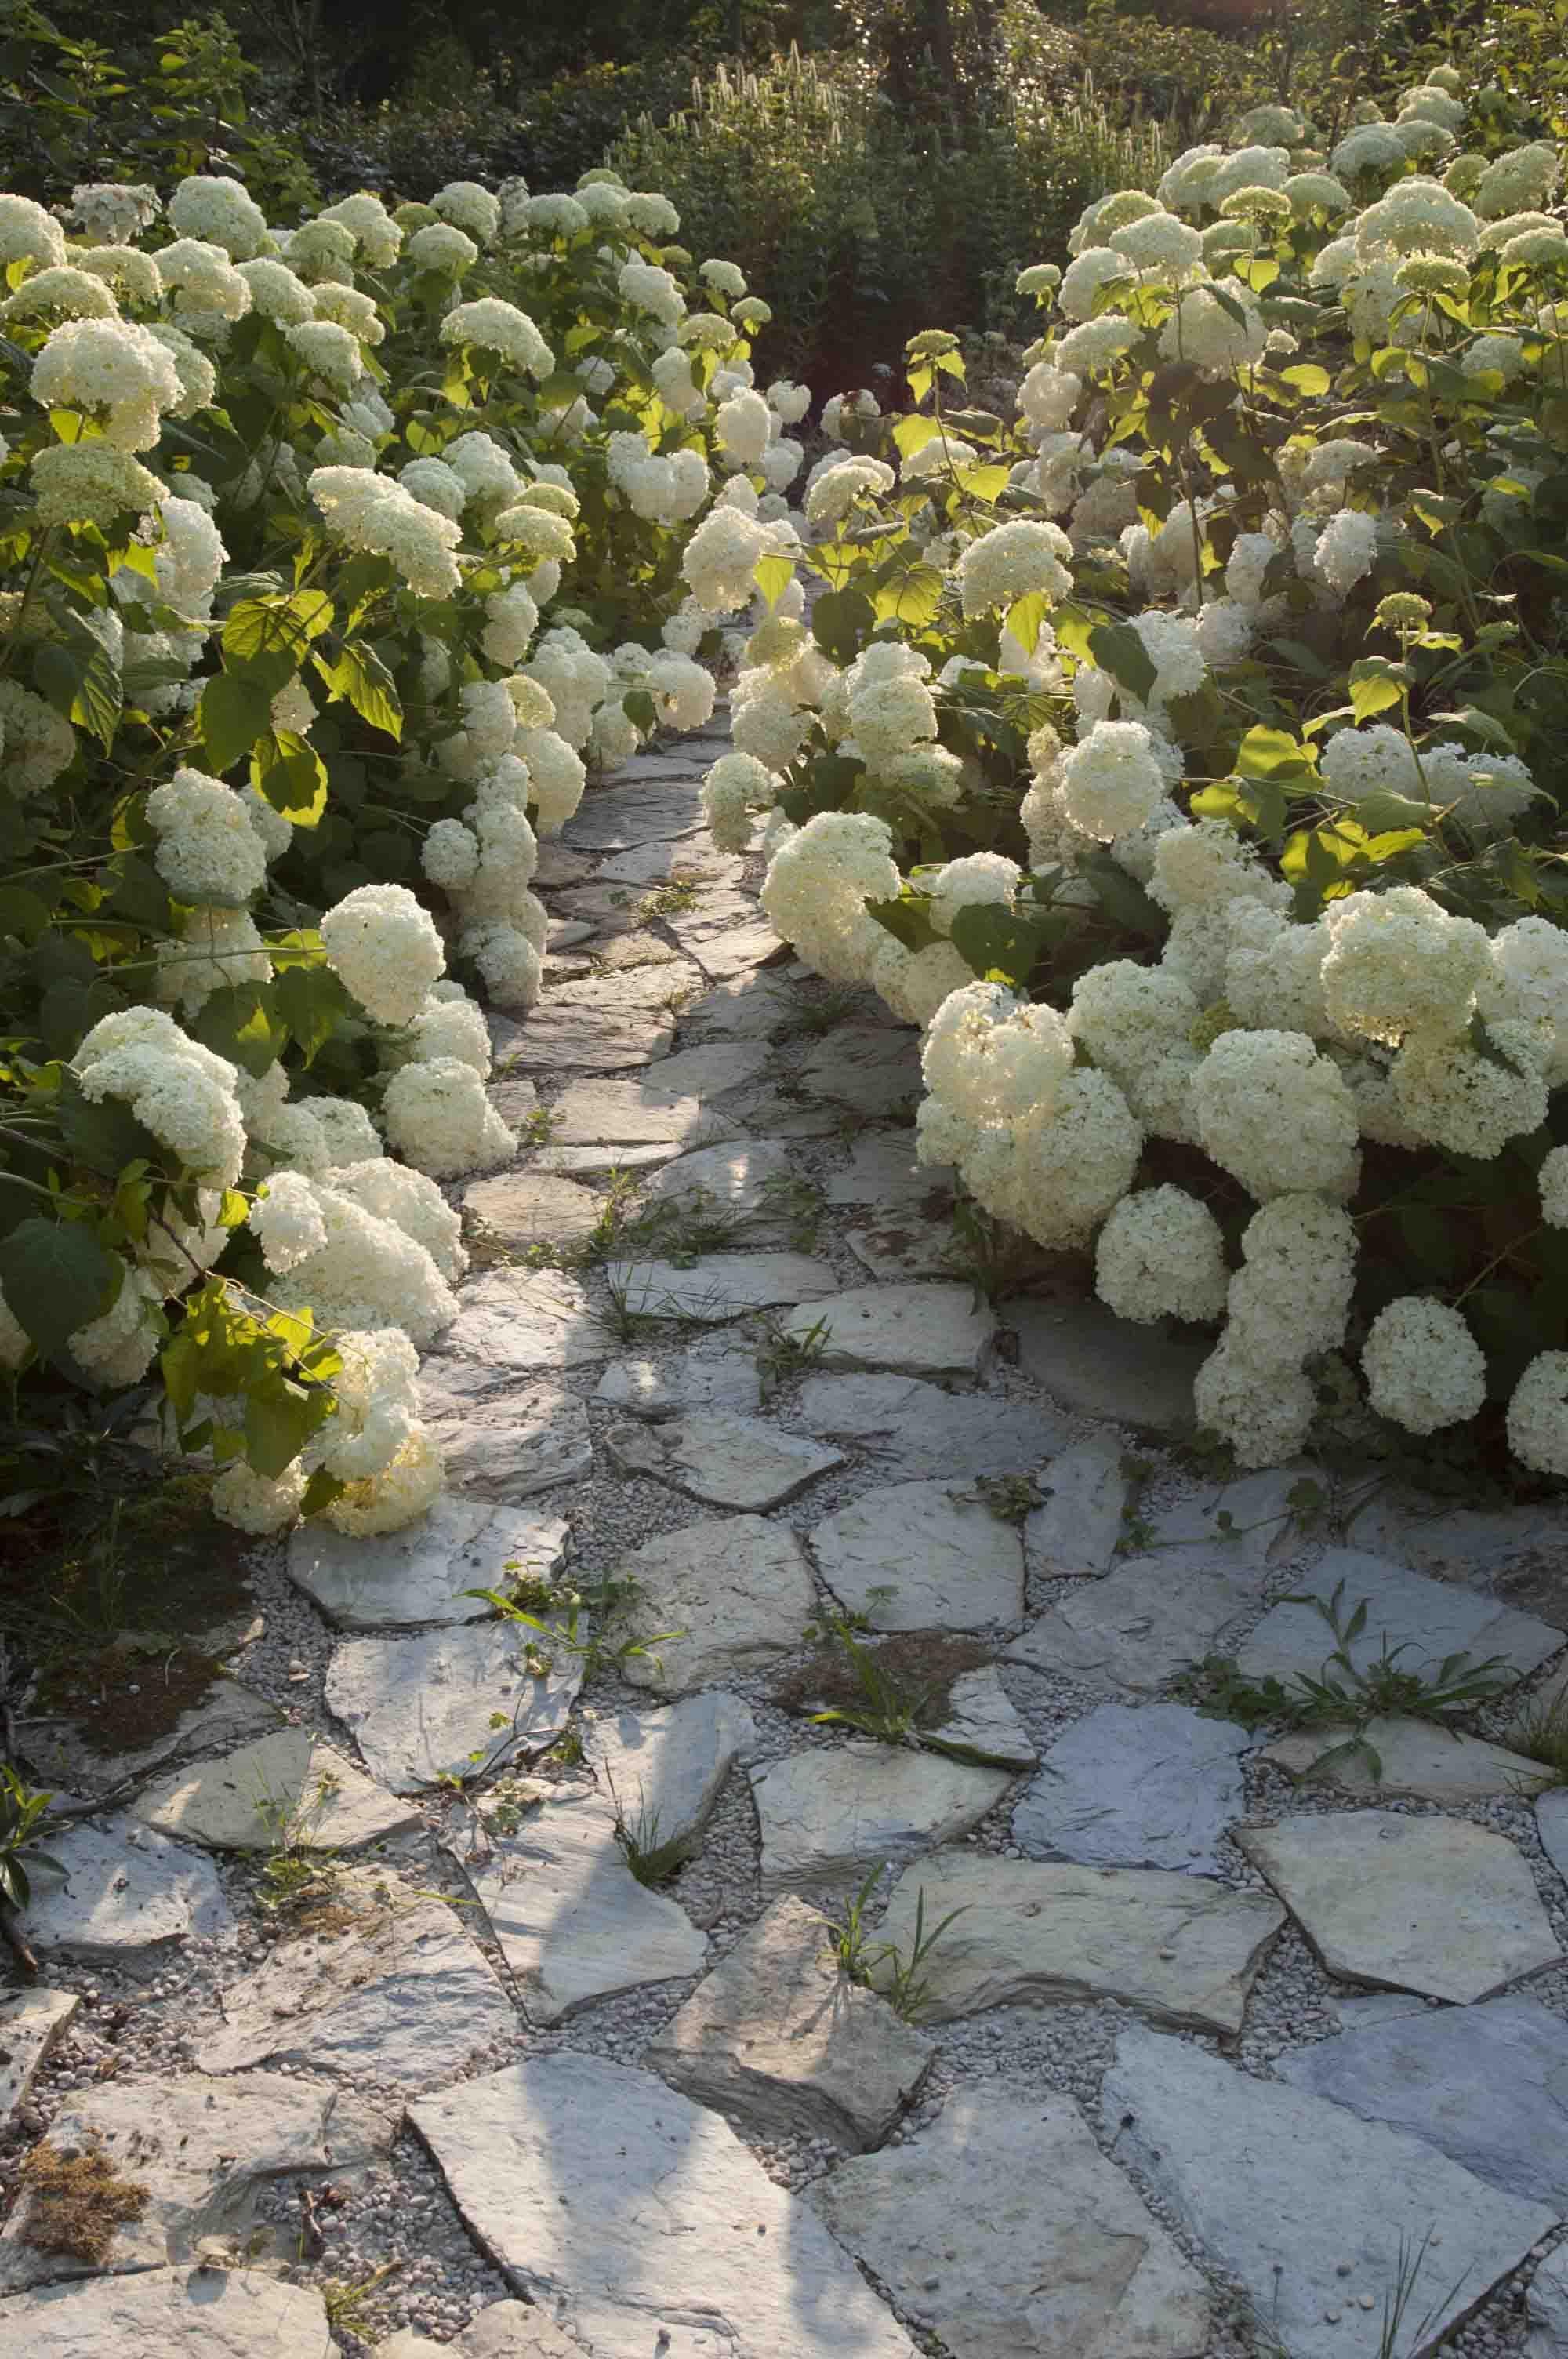 Galería de fotos de jardinería - Hogarmania